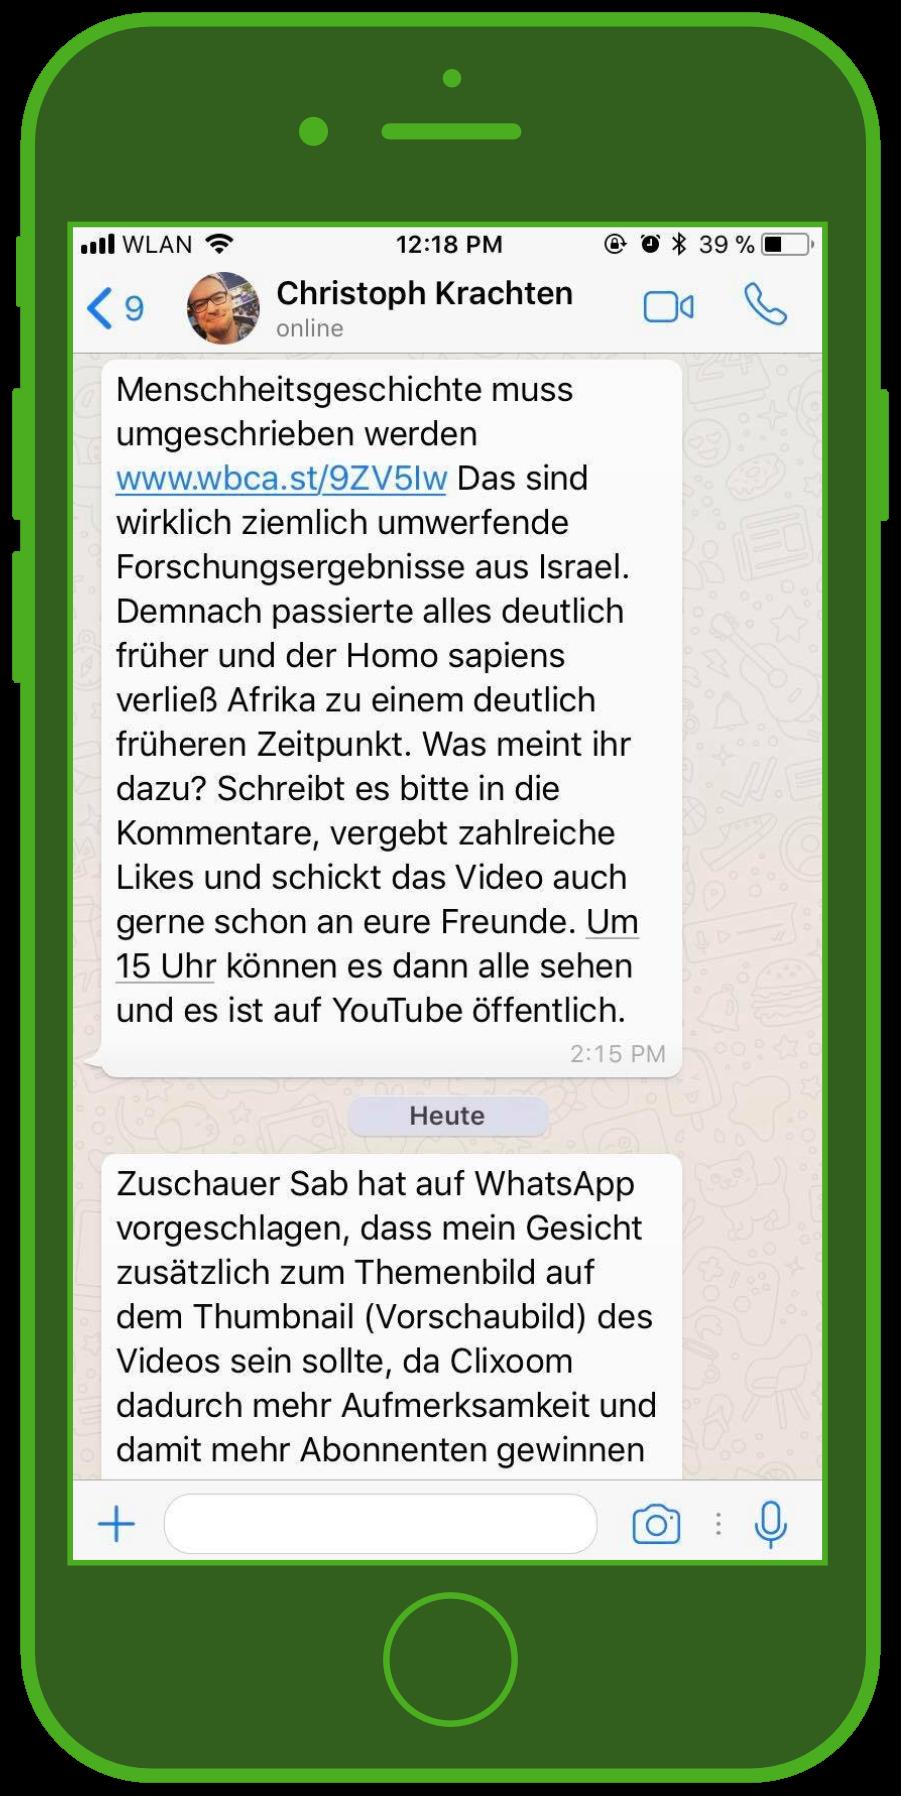 device-whatsapp-christoph-krachten-screenshot-newsletter